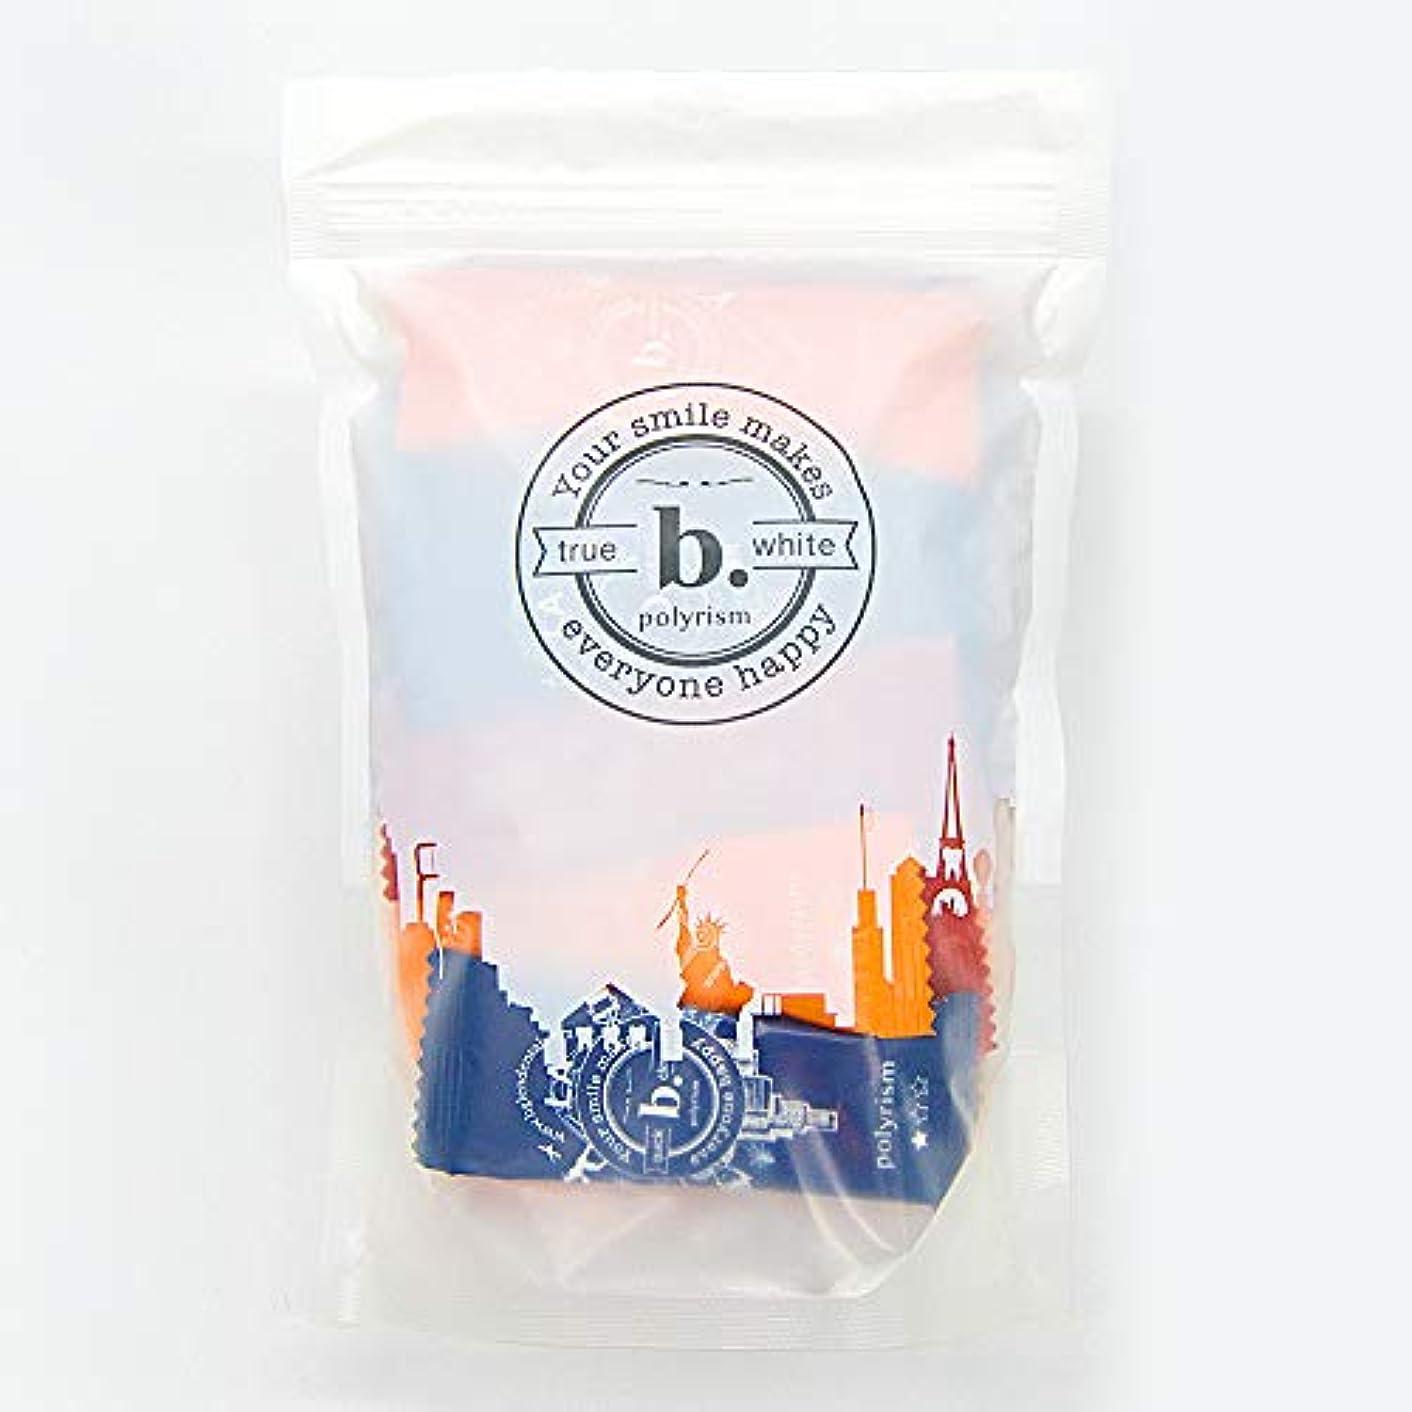 ビバ盆バンガロー新品 b.glen(ビーグレン)【公式】スポンジ型ホワイトニング歯ブラシ デンタルクリーナー (18個入り)